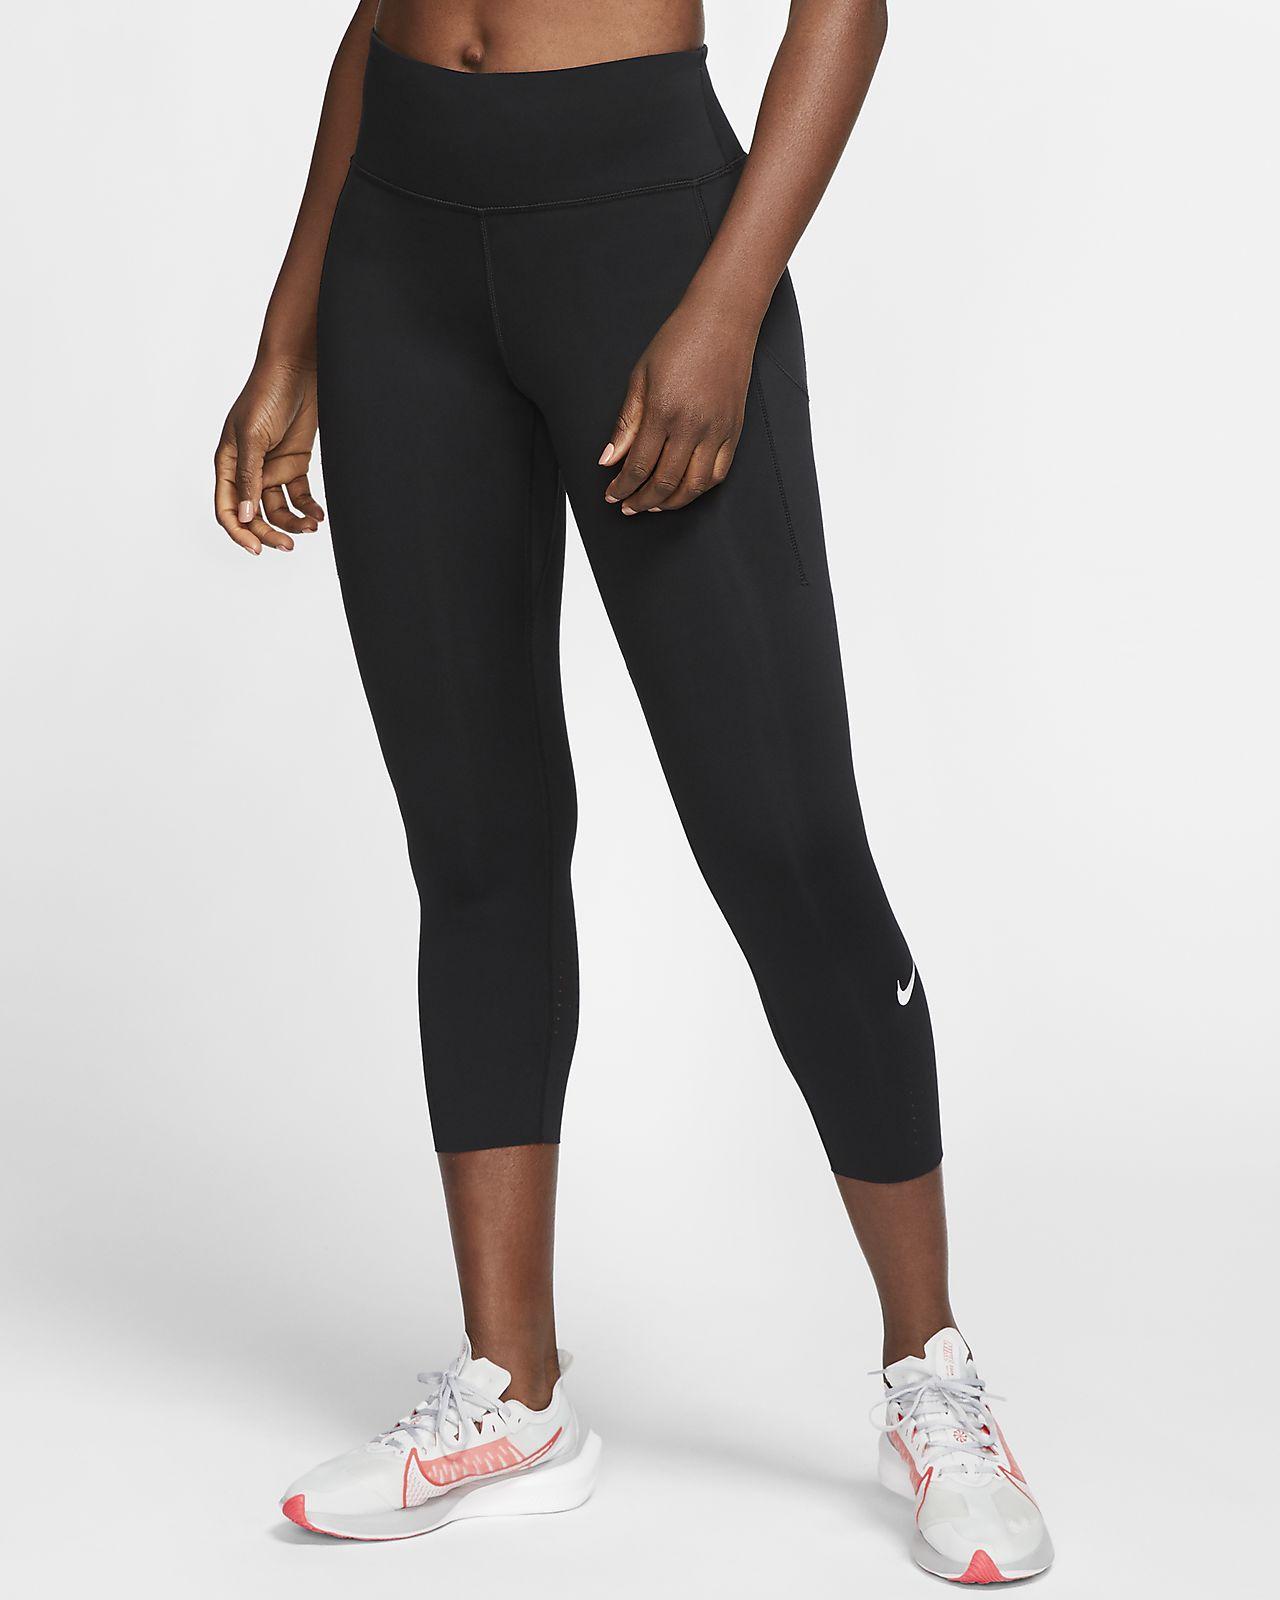 Nike Epic Luxe testhezálló női bokanadrág futáshoz